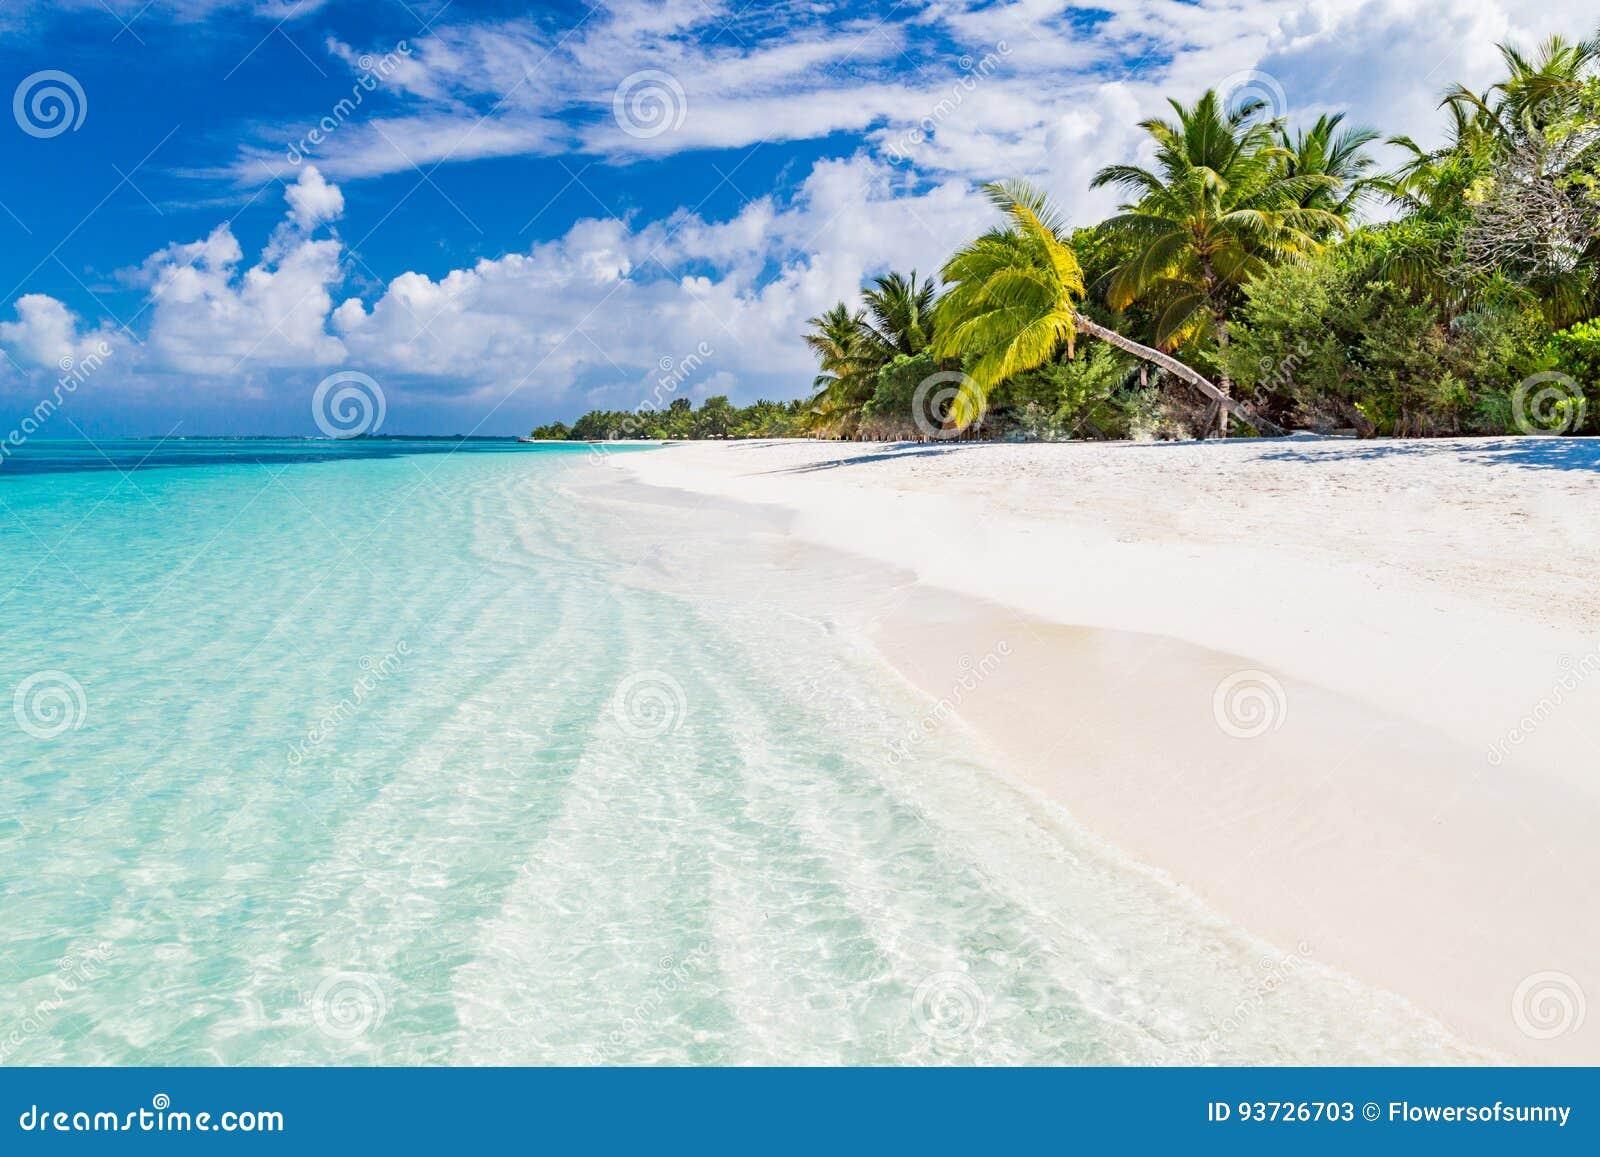 Μαϊάμι παραλία dating σκηνή